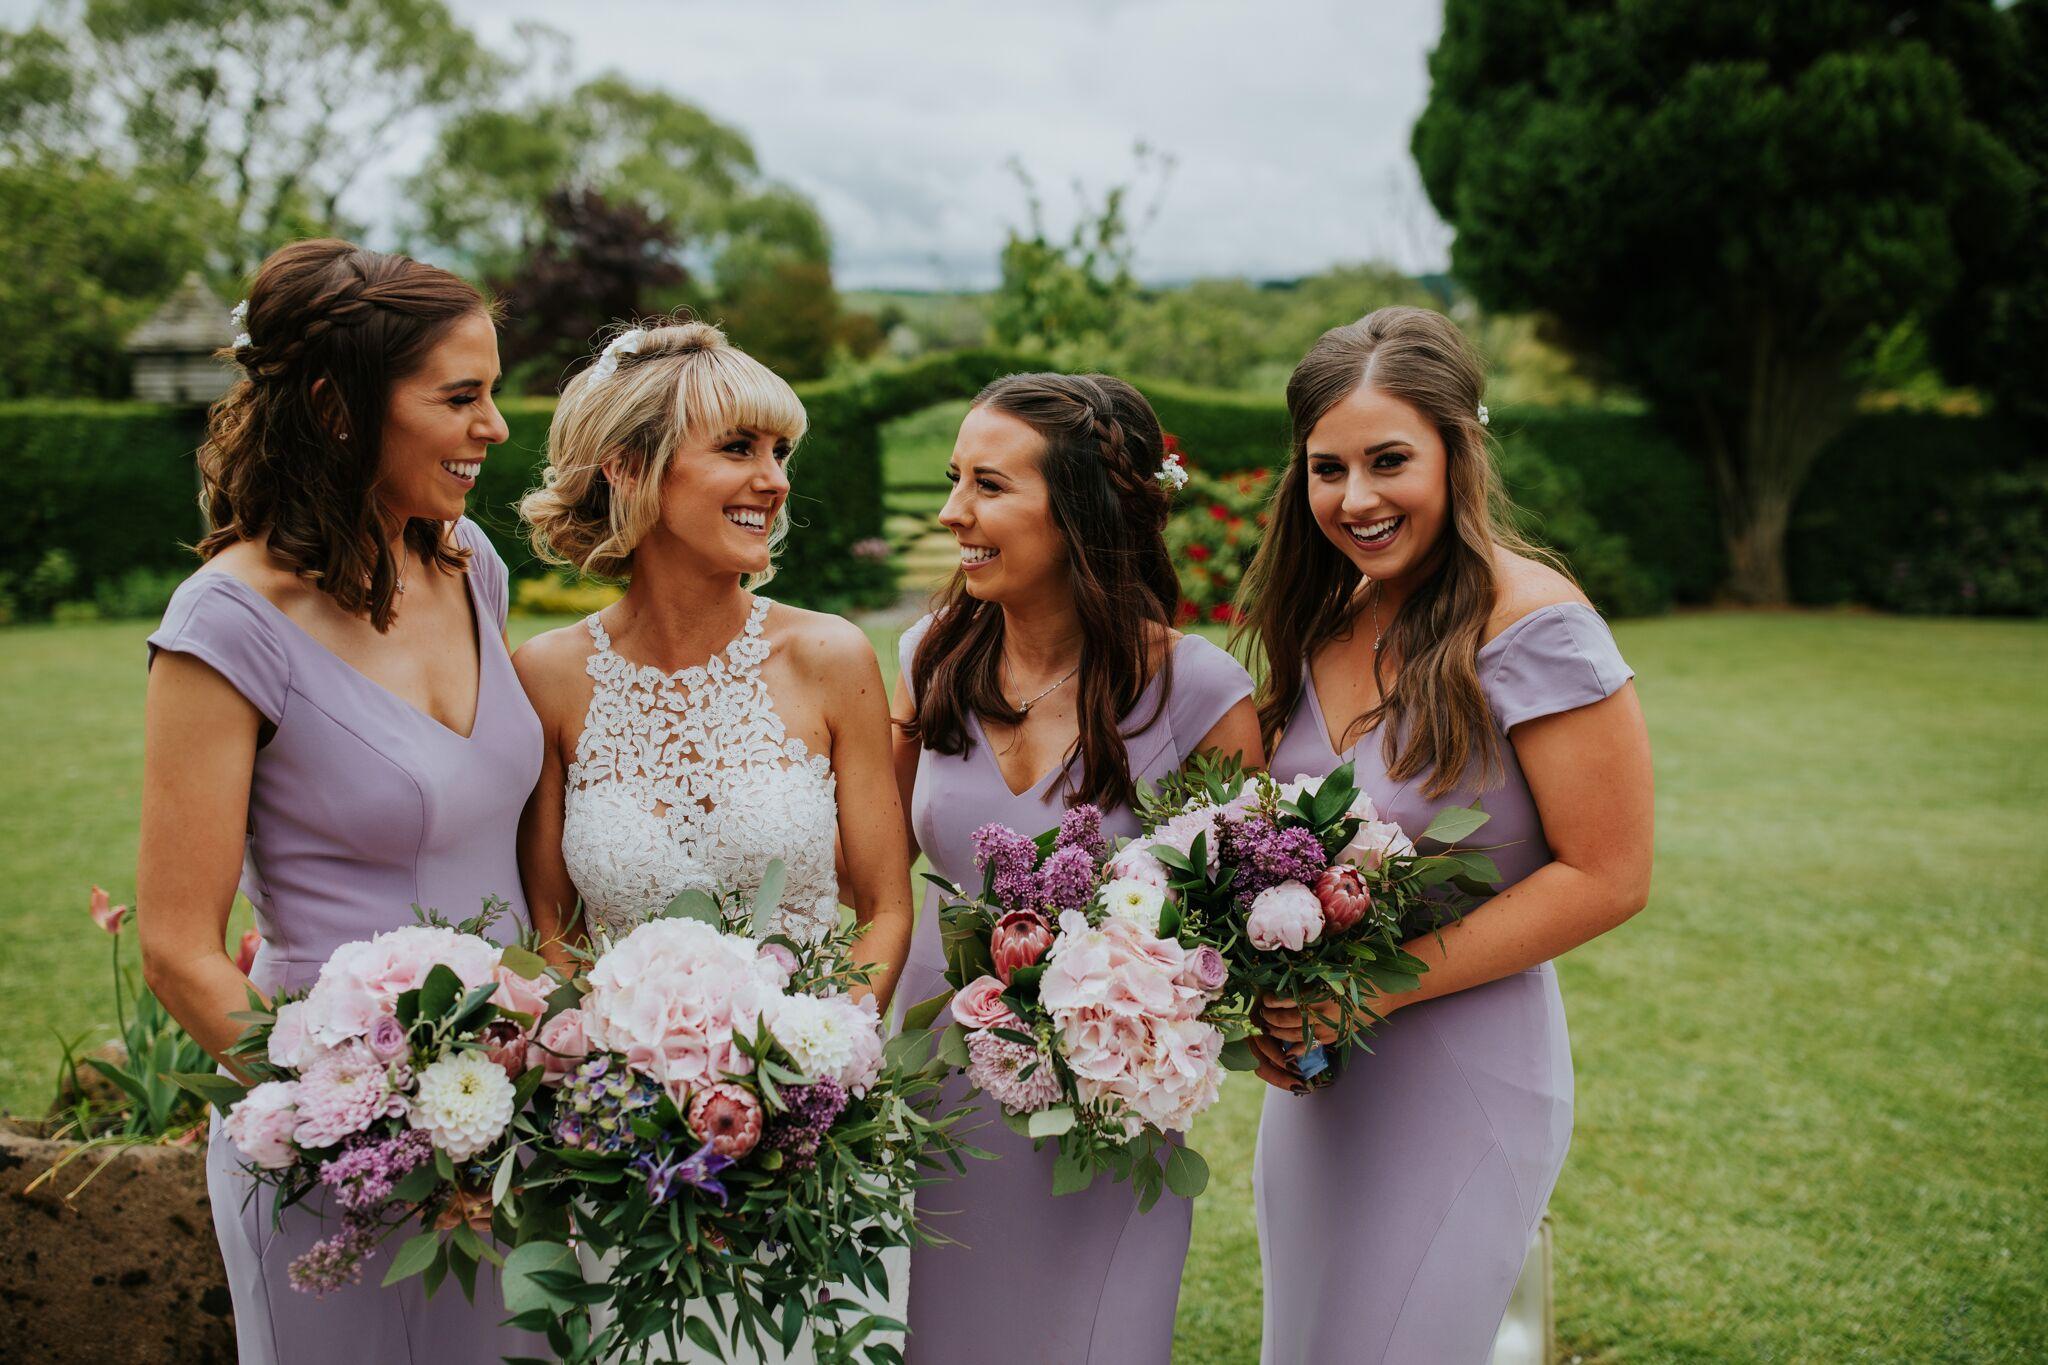 Eleganza real bride claire in essense of australia gown